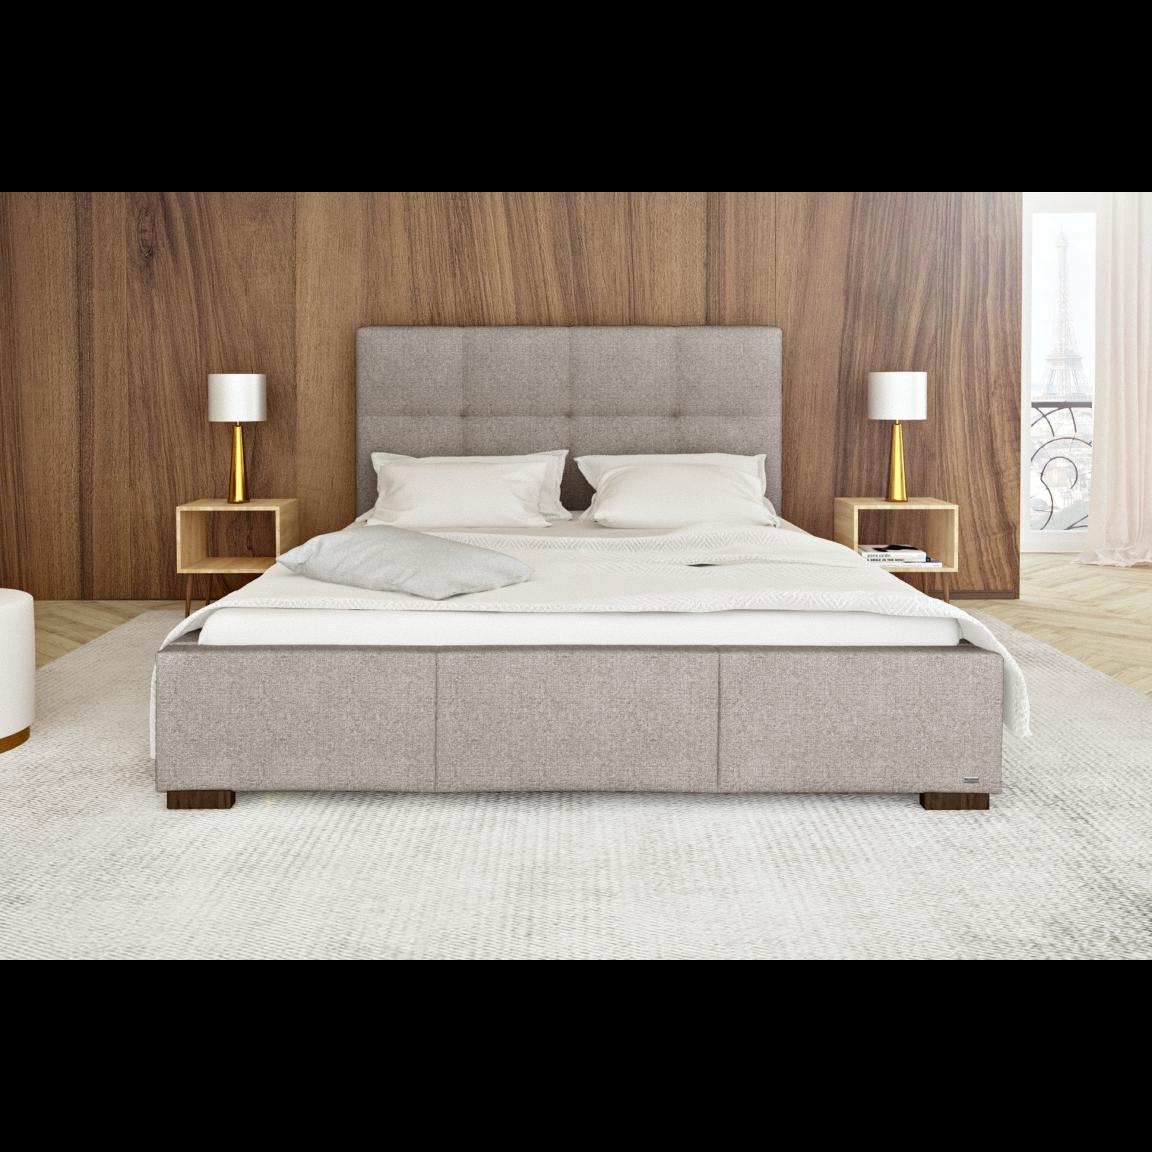 Gepolstertes Bett Cobalt mit Staumöglichkeit | Beige-140 x 200 cm